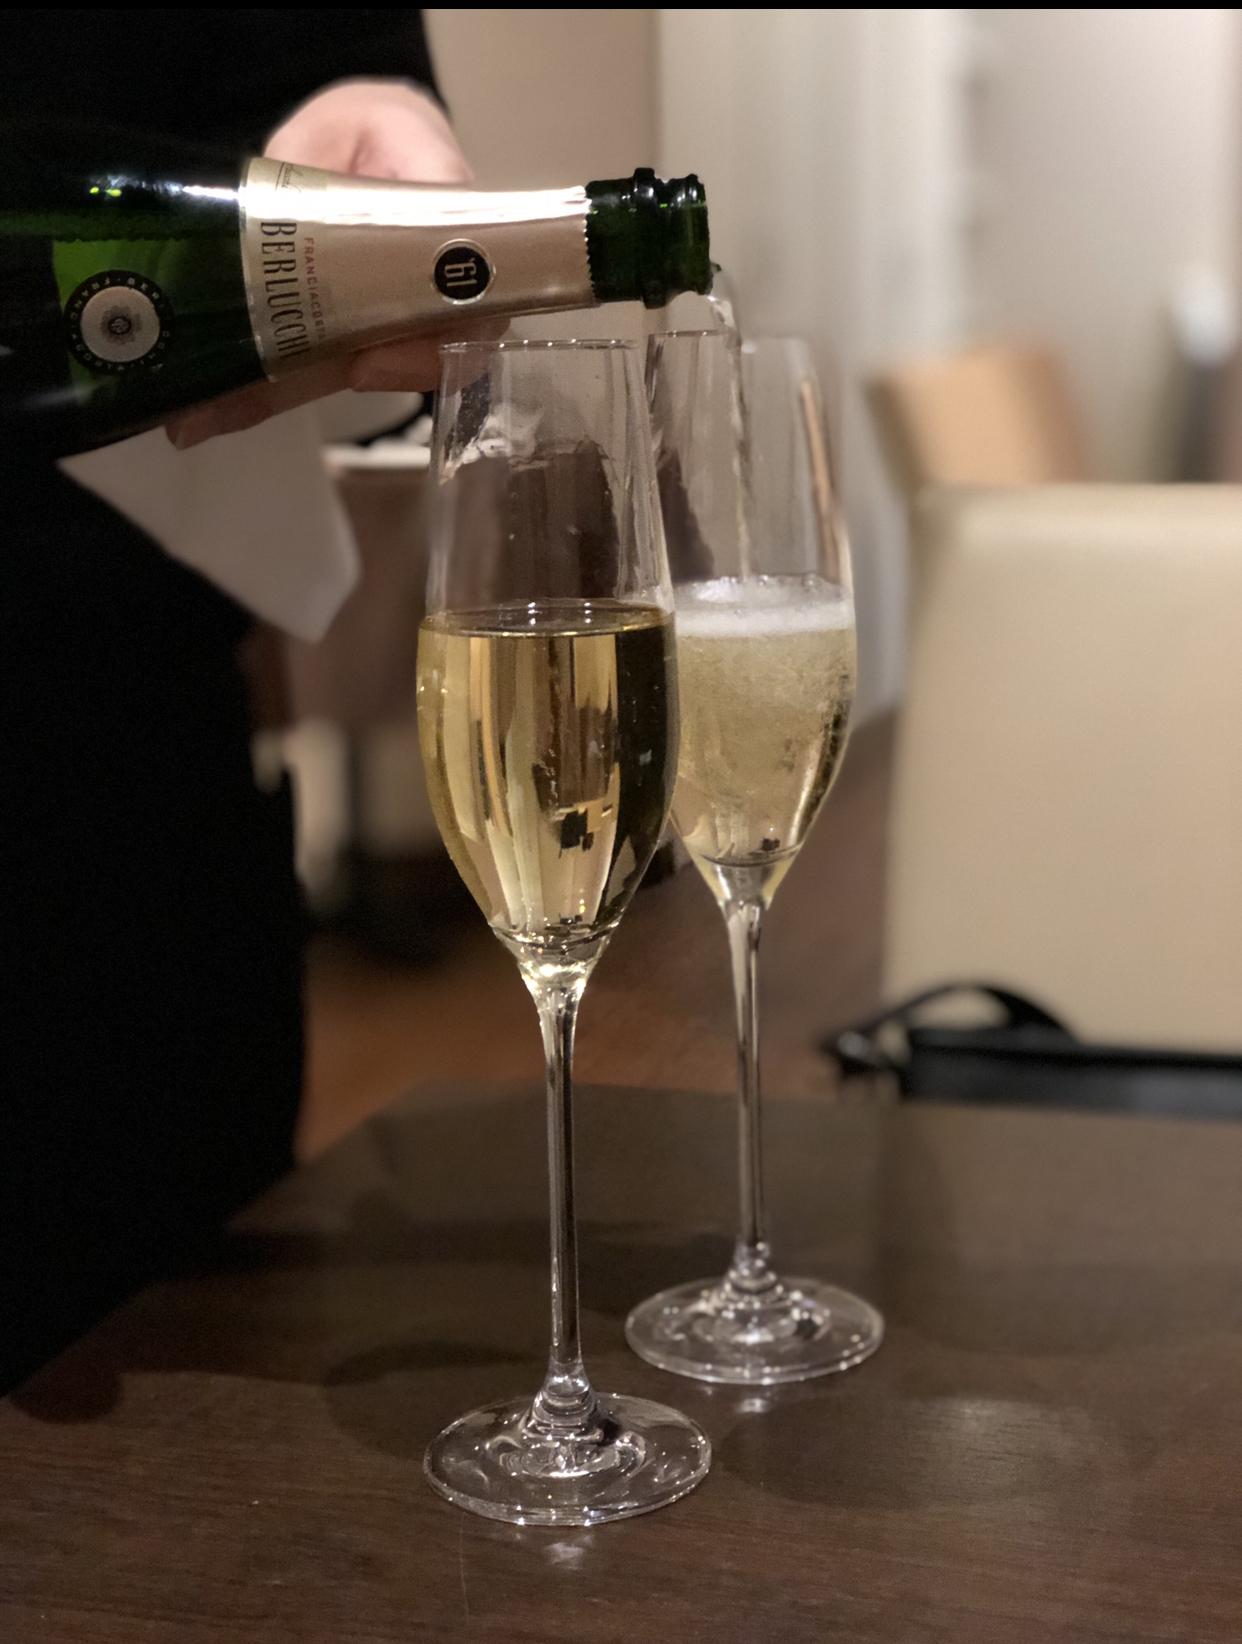 イタリアの最高峰発泡ワイン『フランチャコルタ』で乾杯☆_1_1